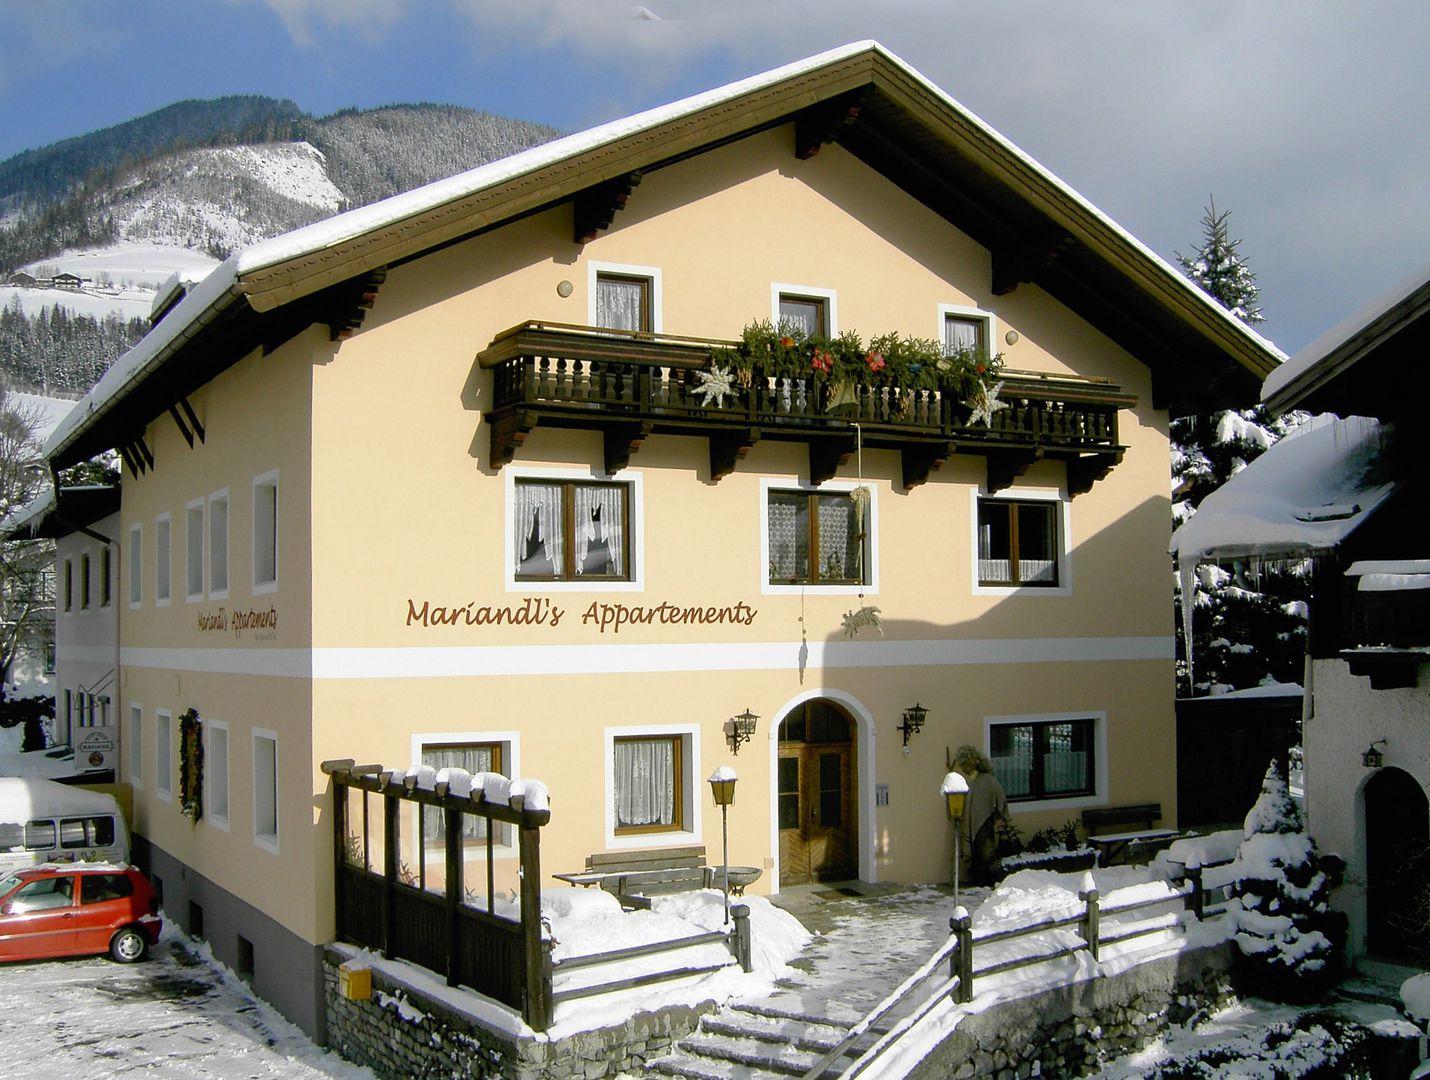 Apartemente şi Auxiliare Mariandls